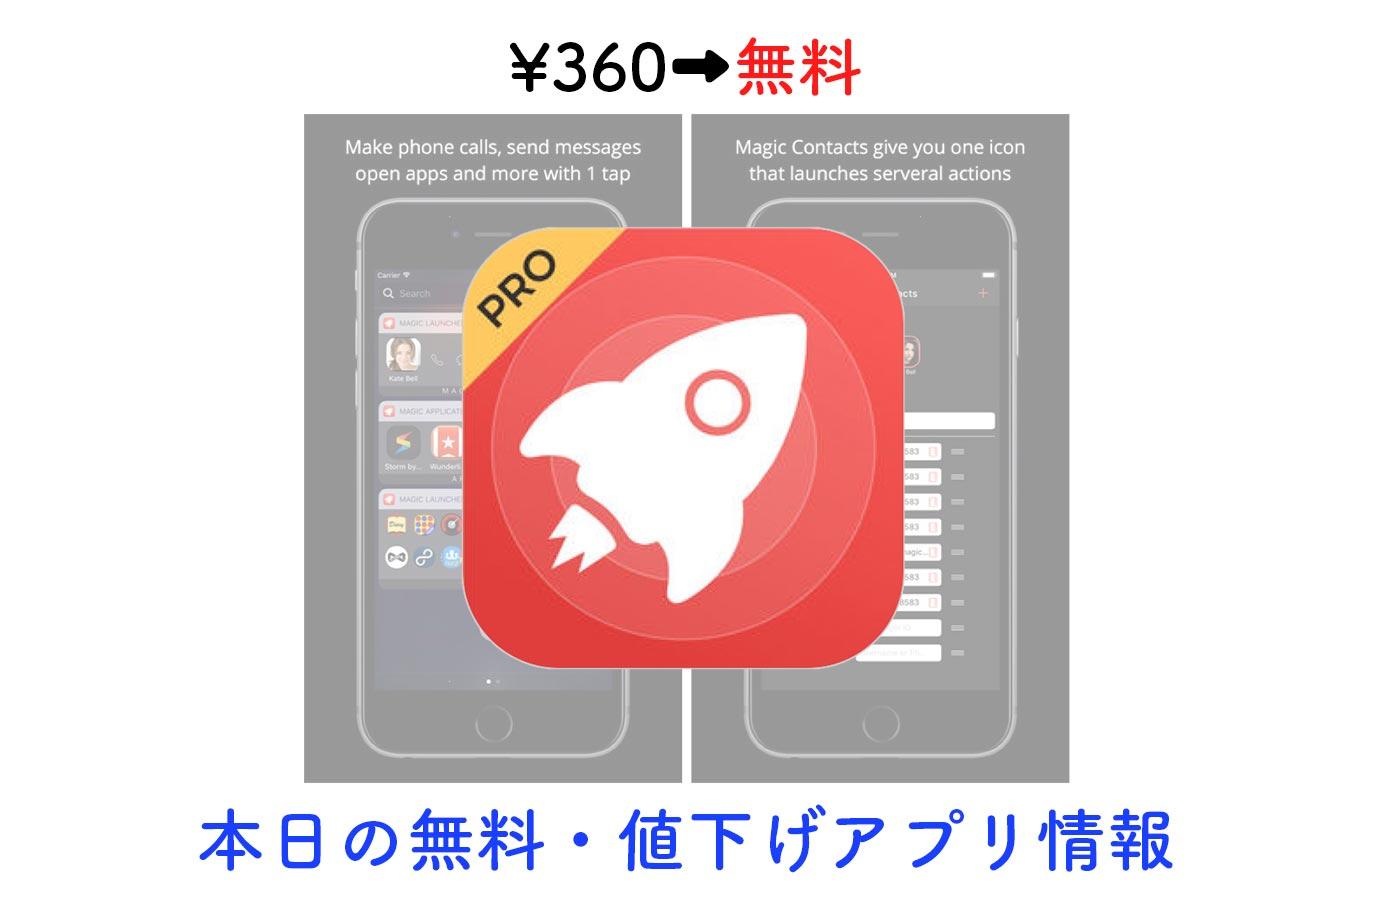 ¥360→無料、通知センターからも利用可能なランチャーアプリ「Magic Launcher Pro」など【12/25】本日の無料・値下げアプリ情報